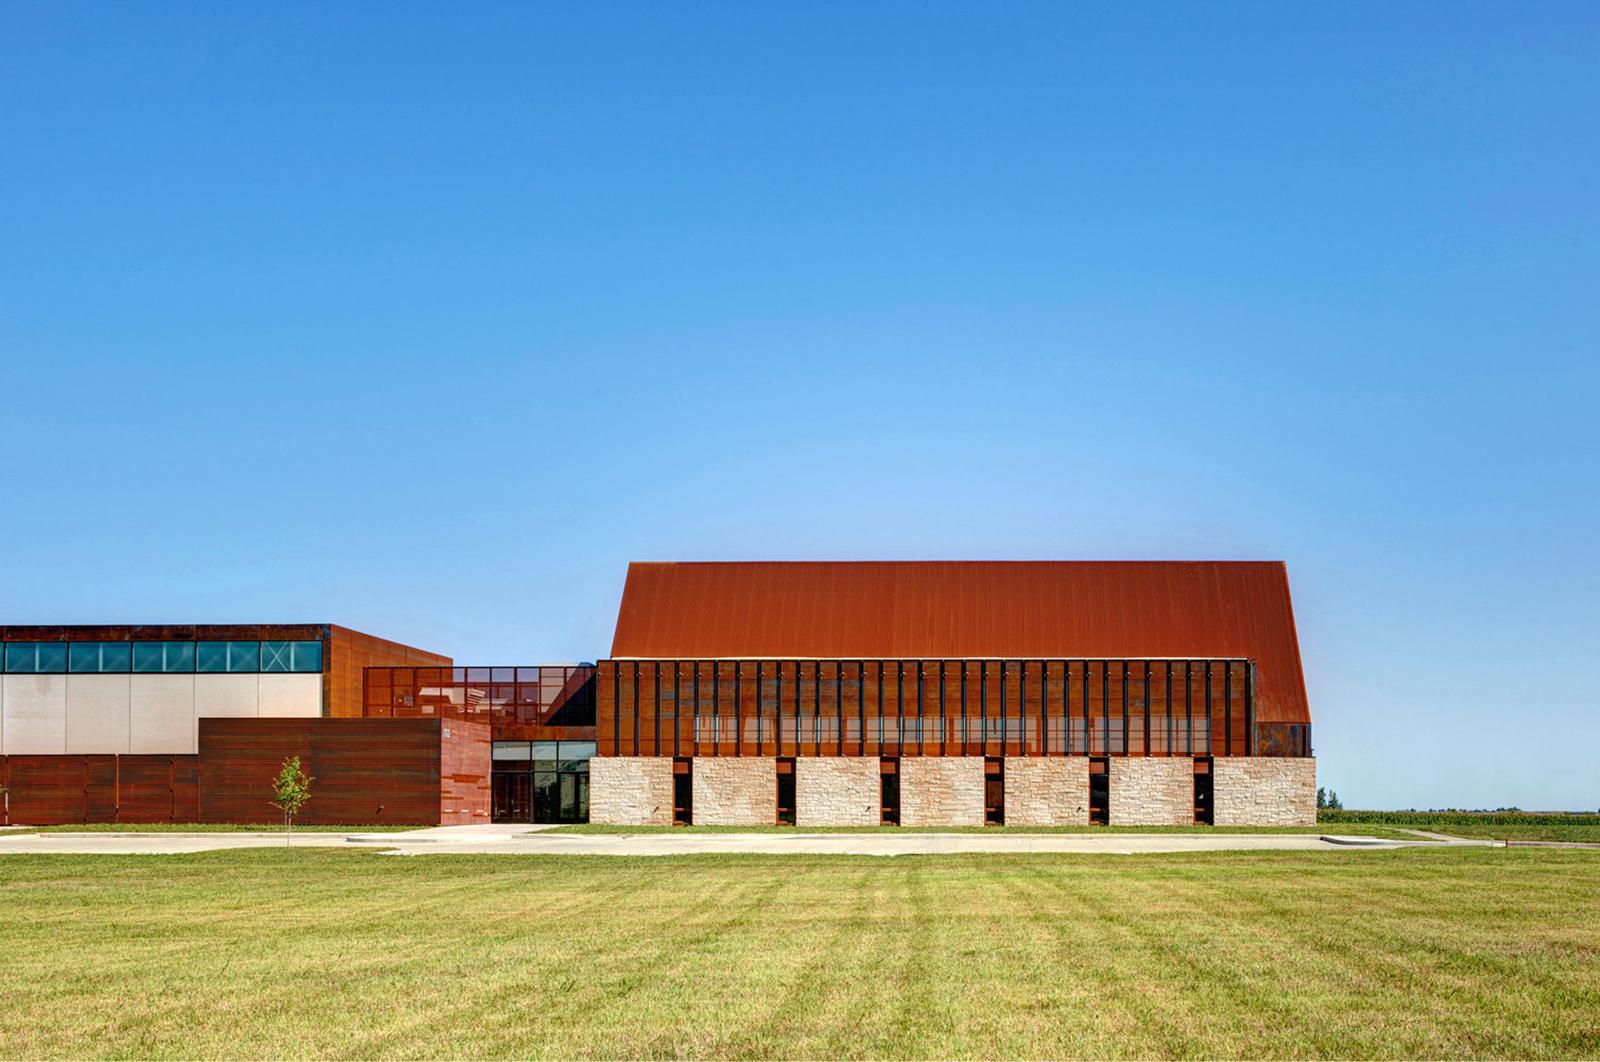 St Luke's Catholic Church, Iowa